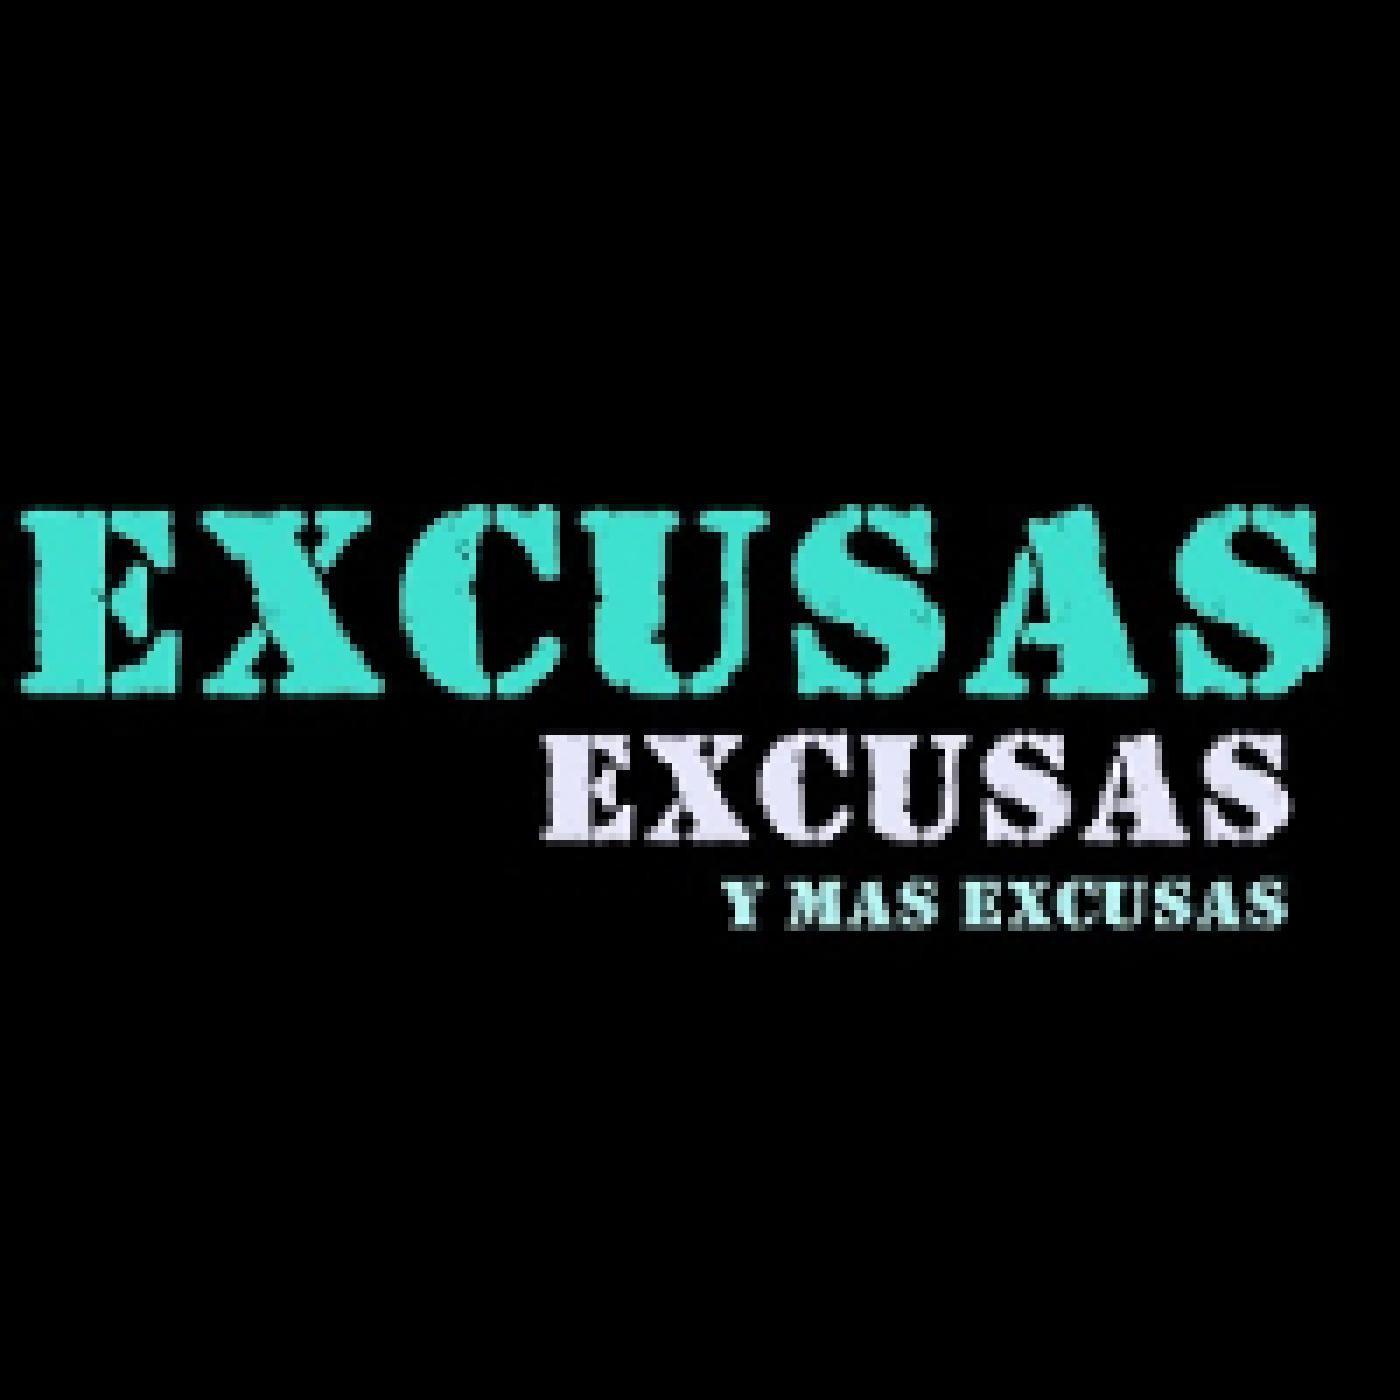 5x12 - Proudem, excusas y redes sociales